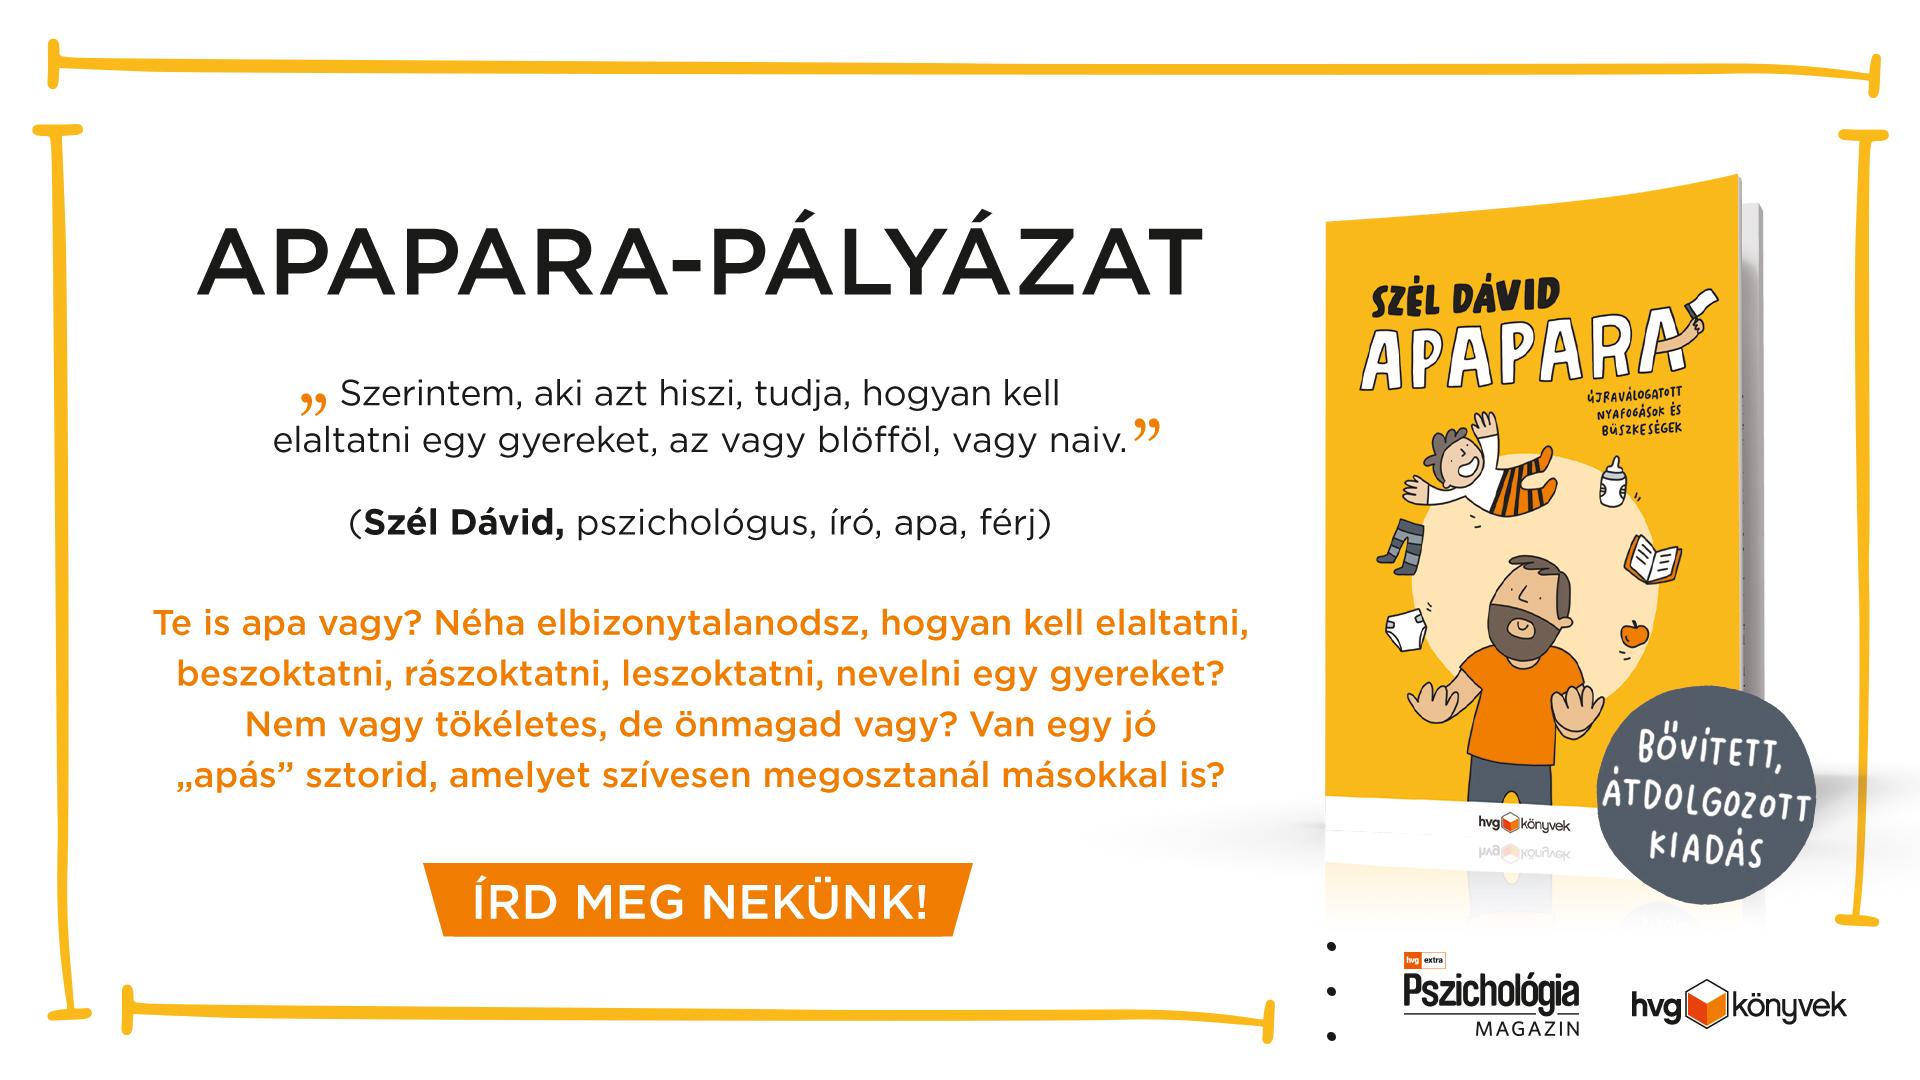 Apapara-pályázat - a HVG Könyvek és a HVG Extra Pszichológia magazin szervezésében